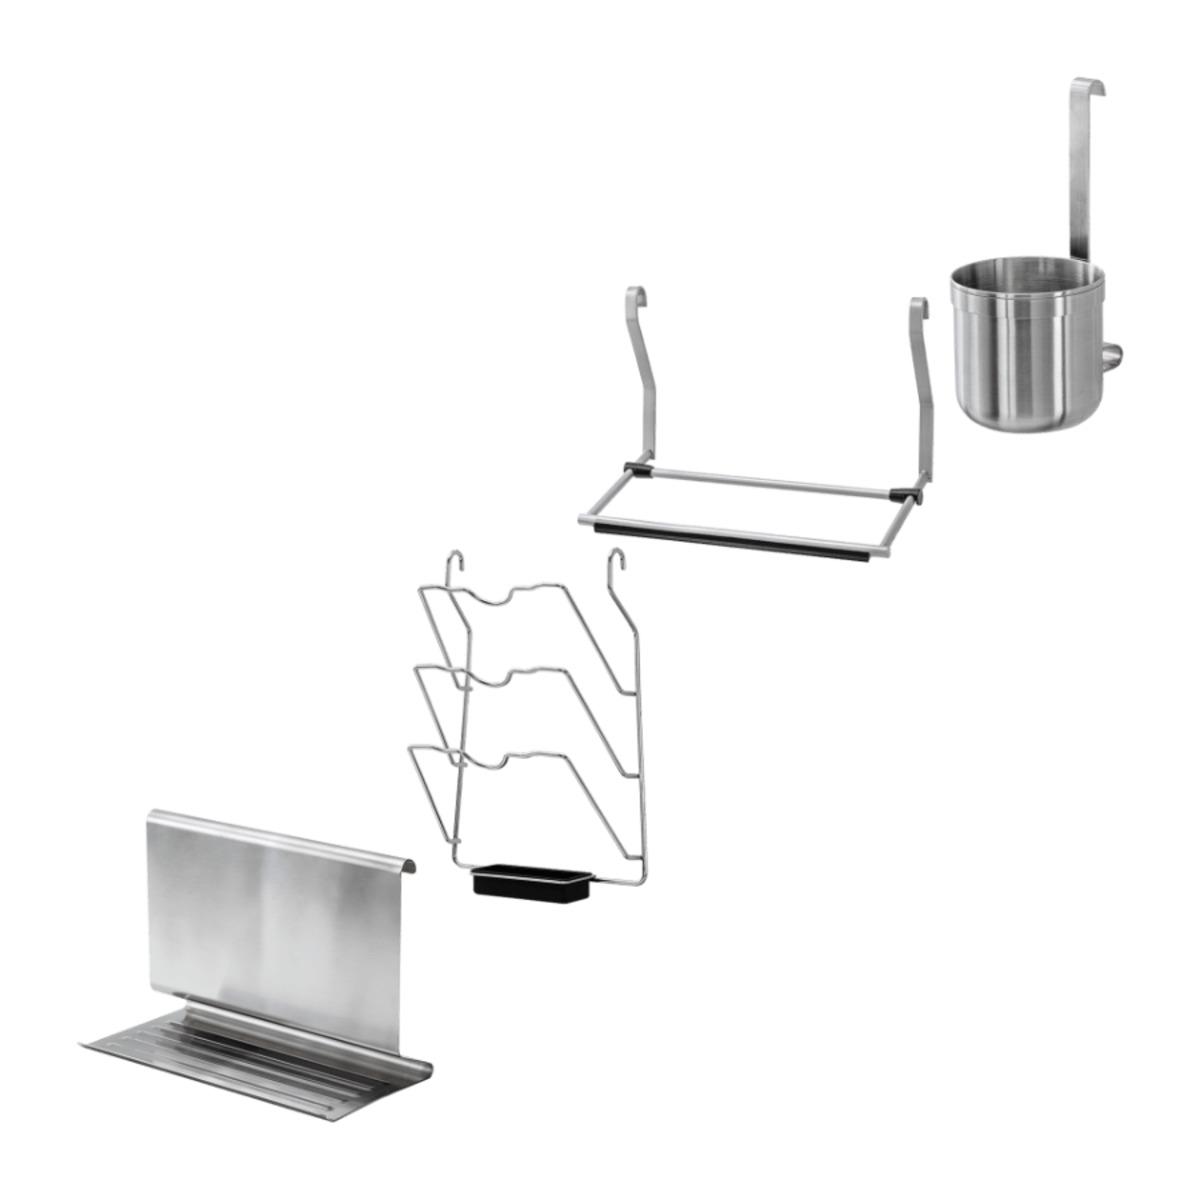 Bild 1 von HOME CREATION     Küchenreling-Halter / -Behälter